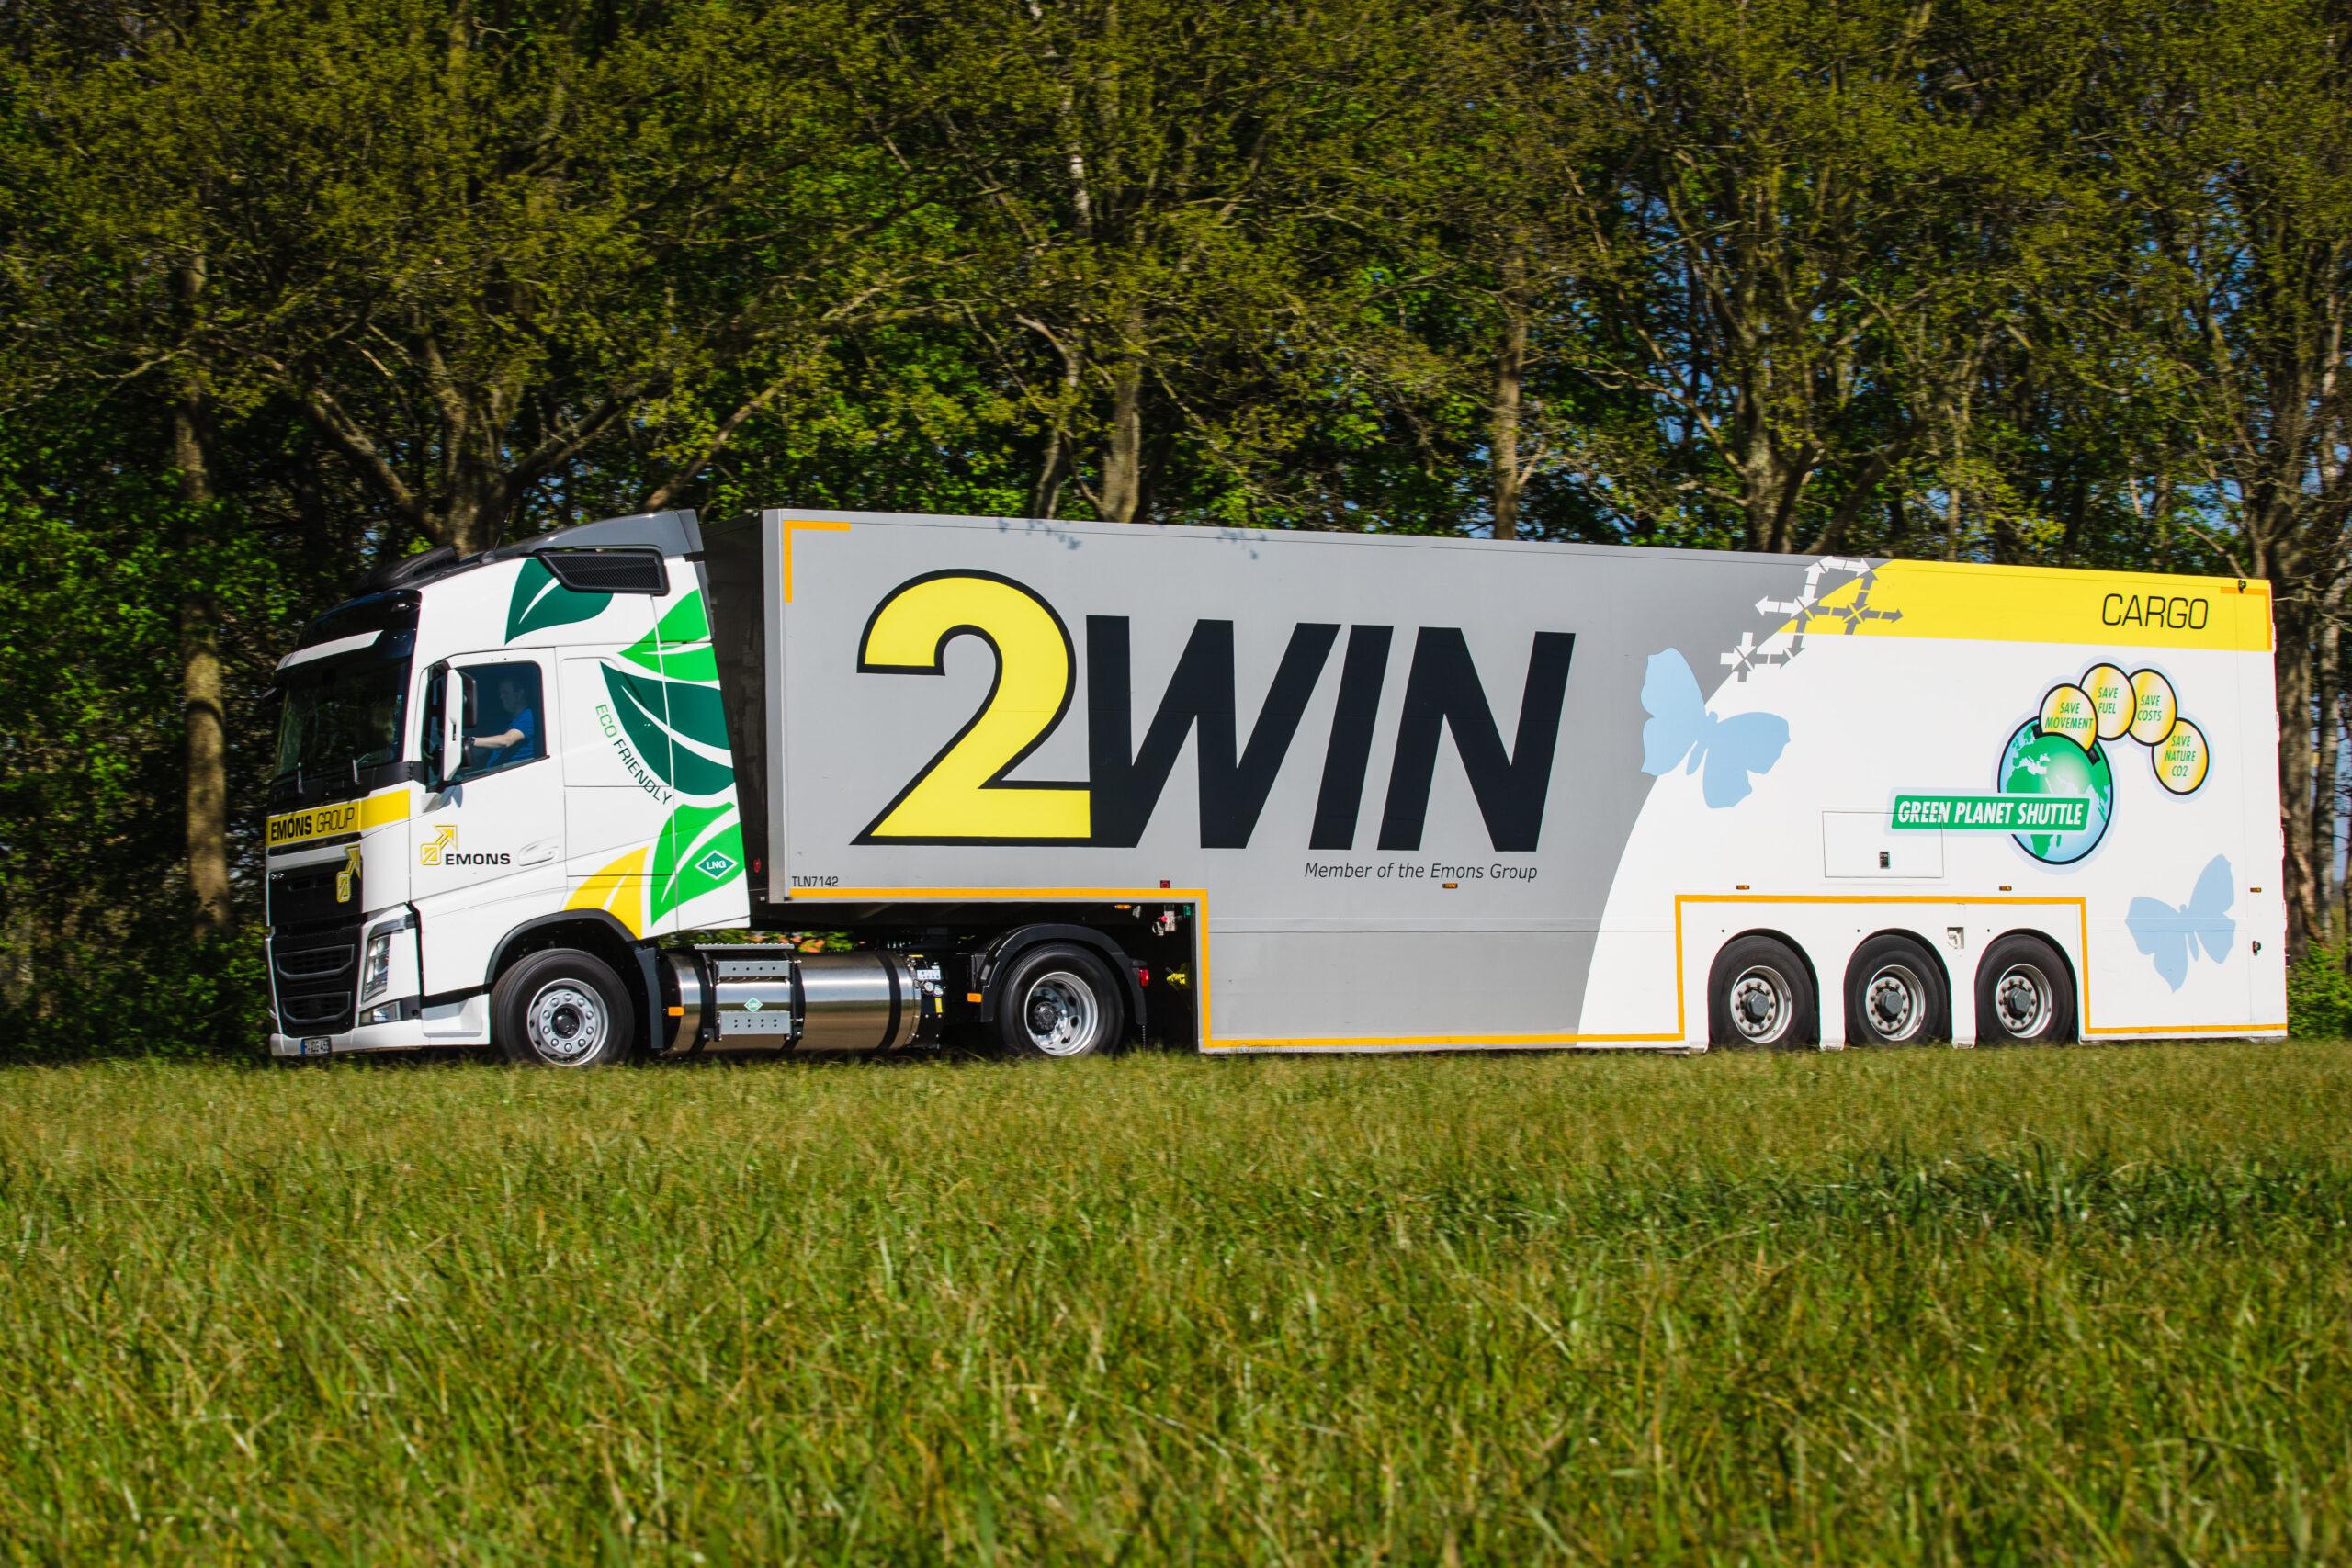 Afbeelding van 2WIN vs. Standard trailer